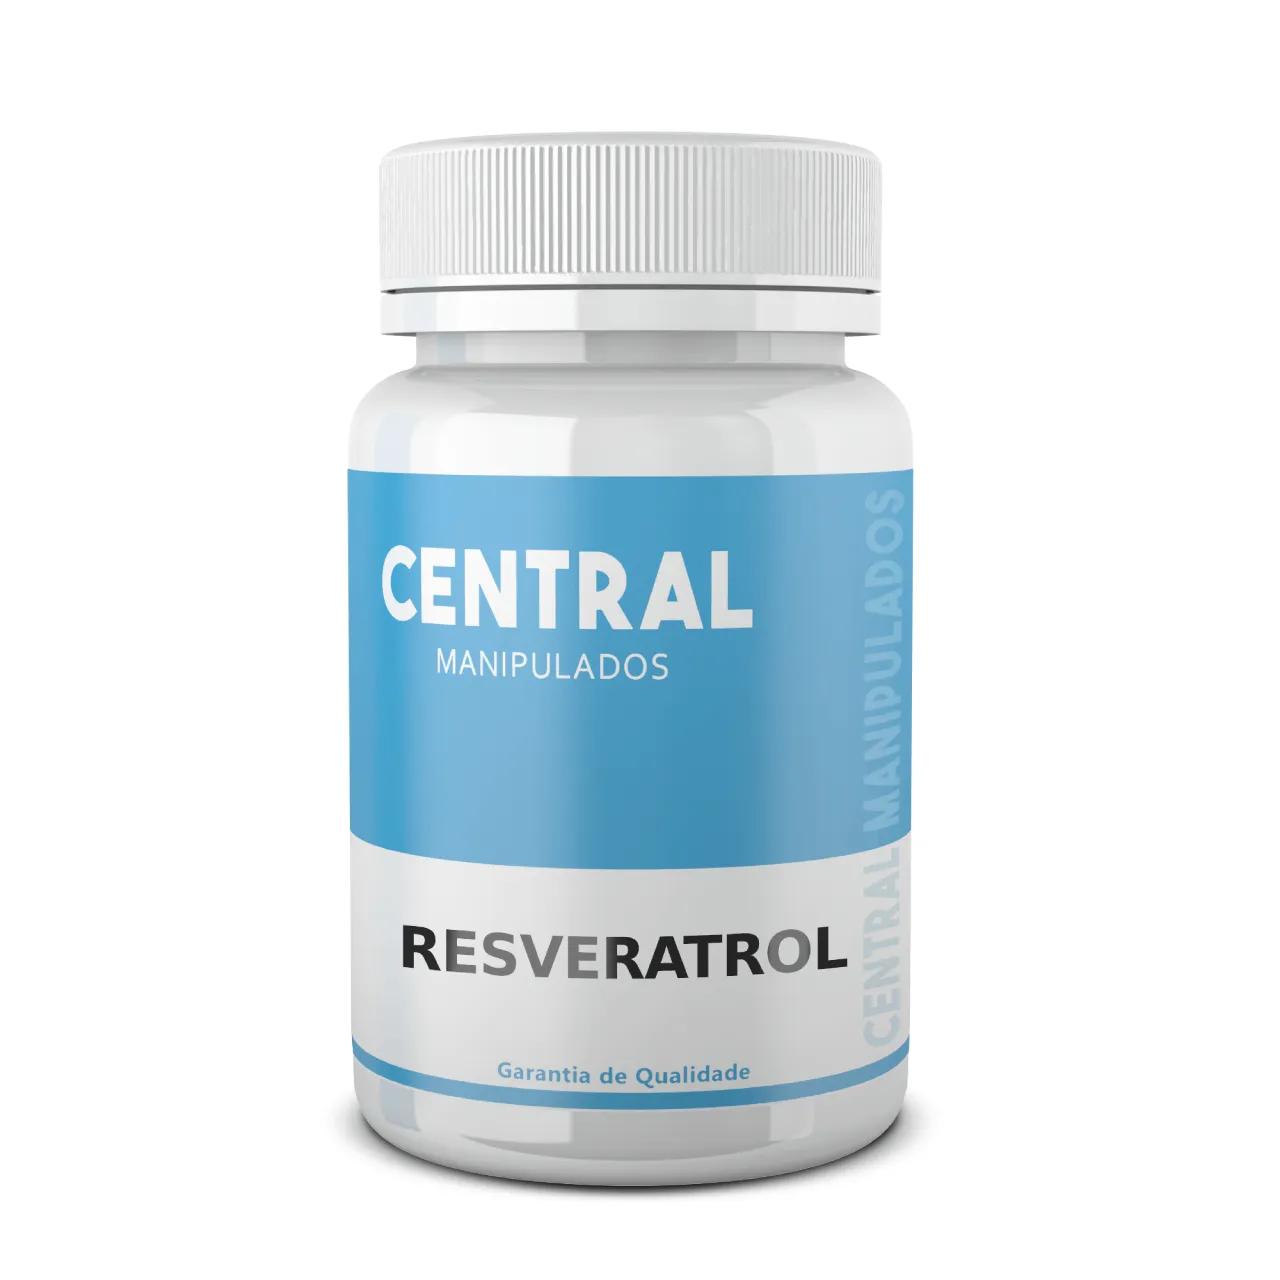 Resveratrol 30mg - 60 cápsulas - Antioxidante, efeito cardioprotetor, exibe propriedades anticâncer, impedindo a proliferação de células cancerígenas.